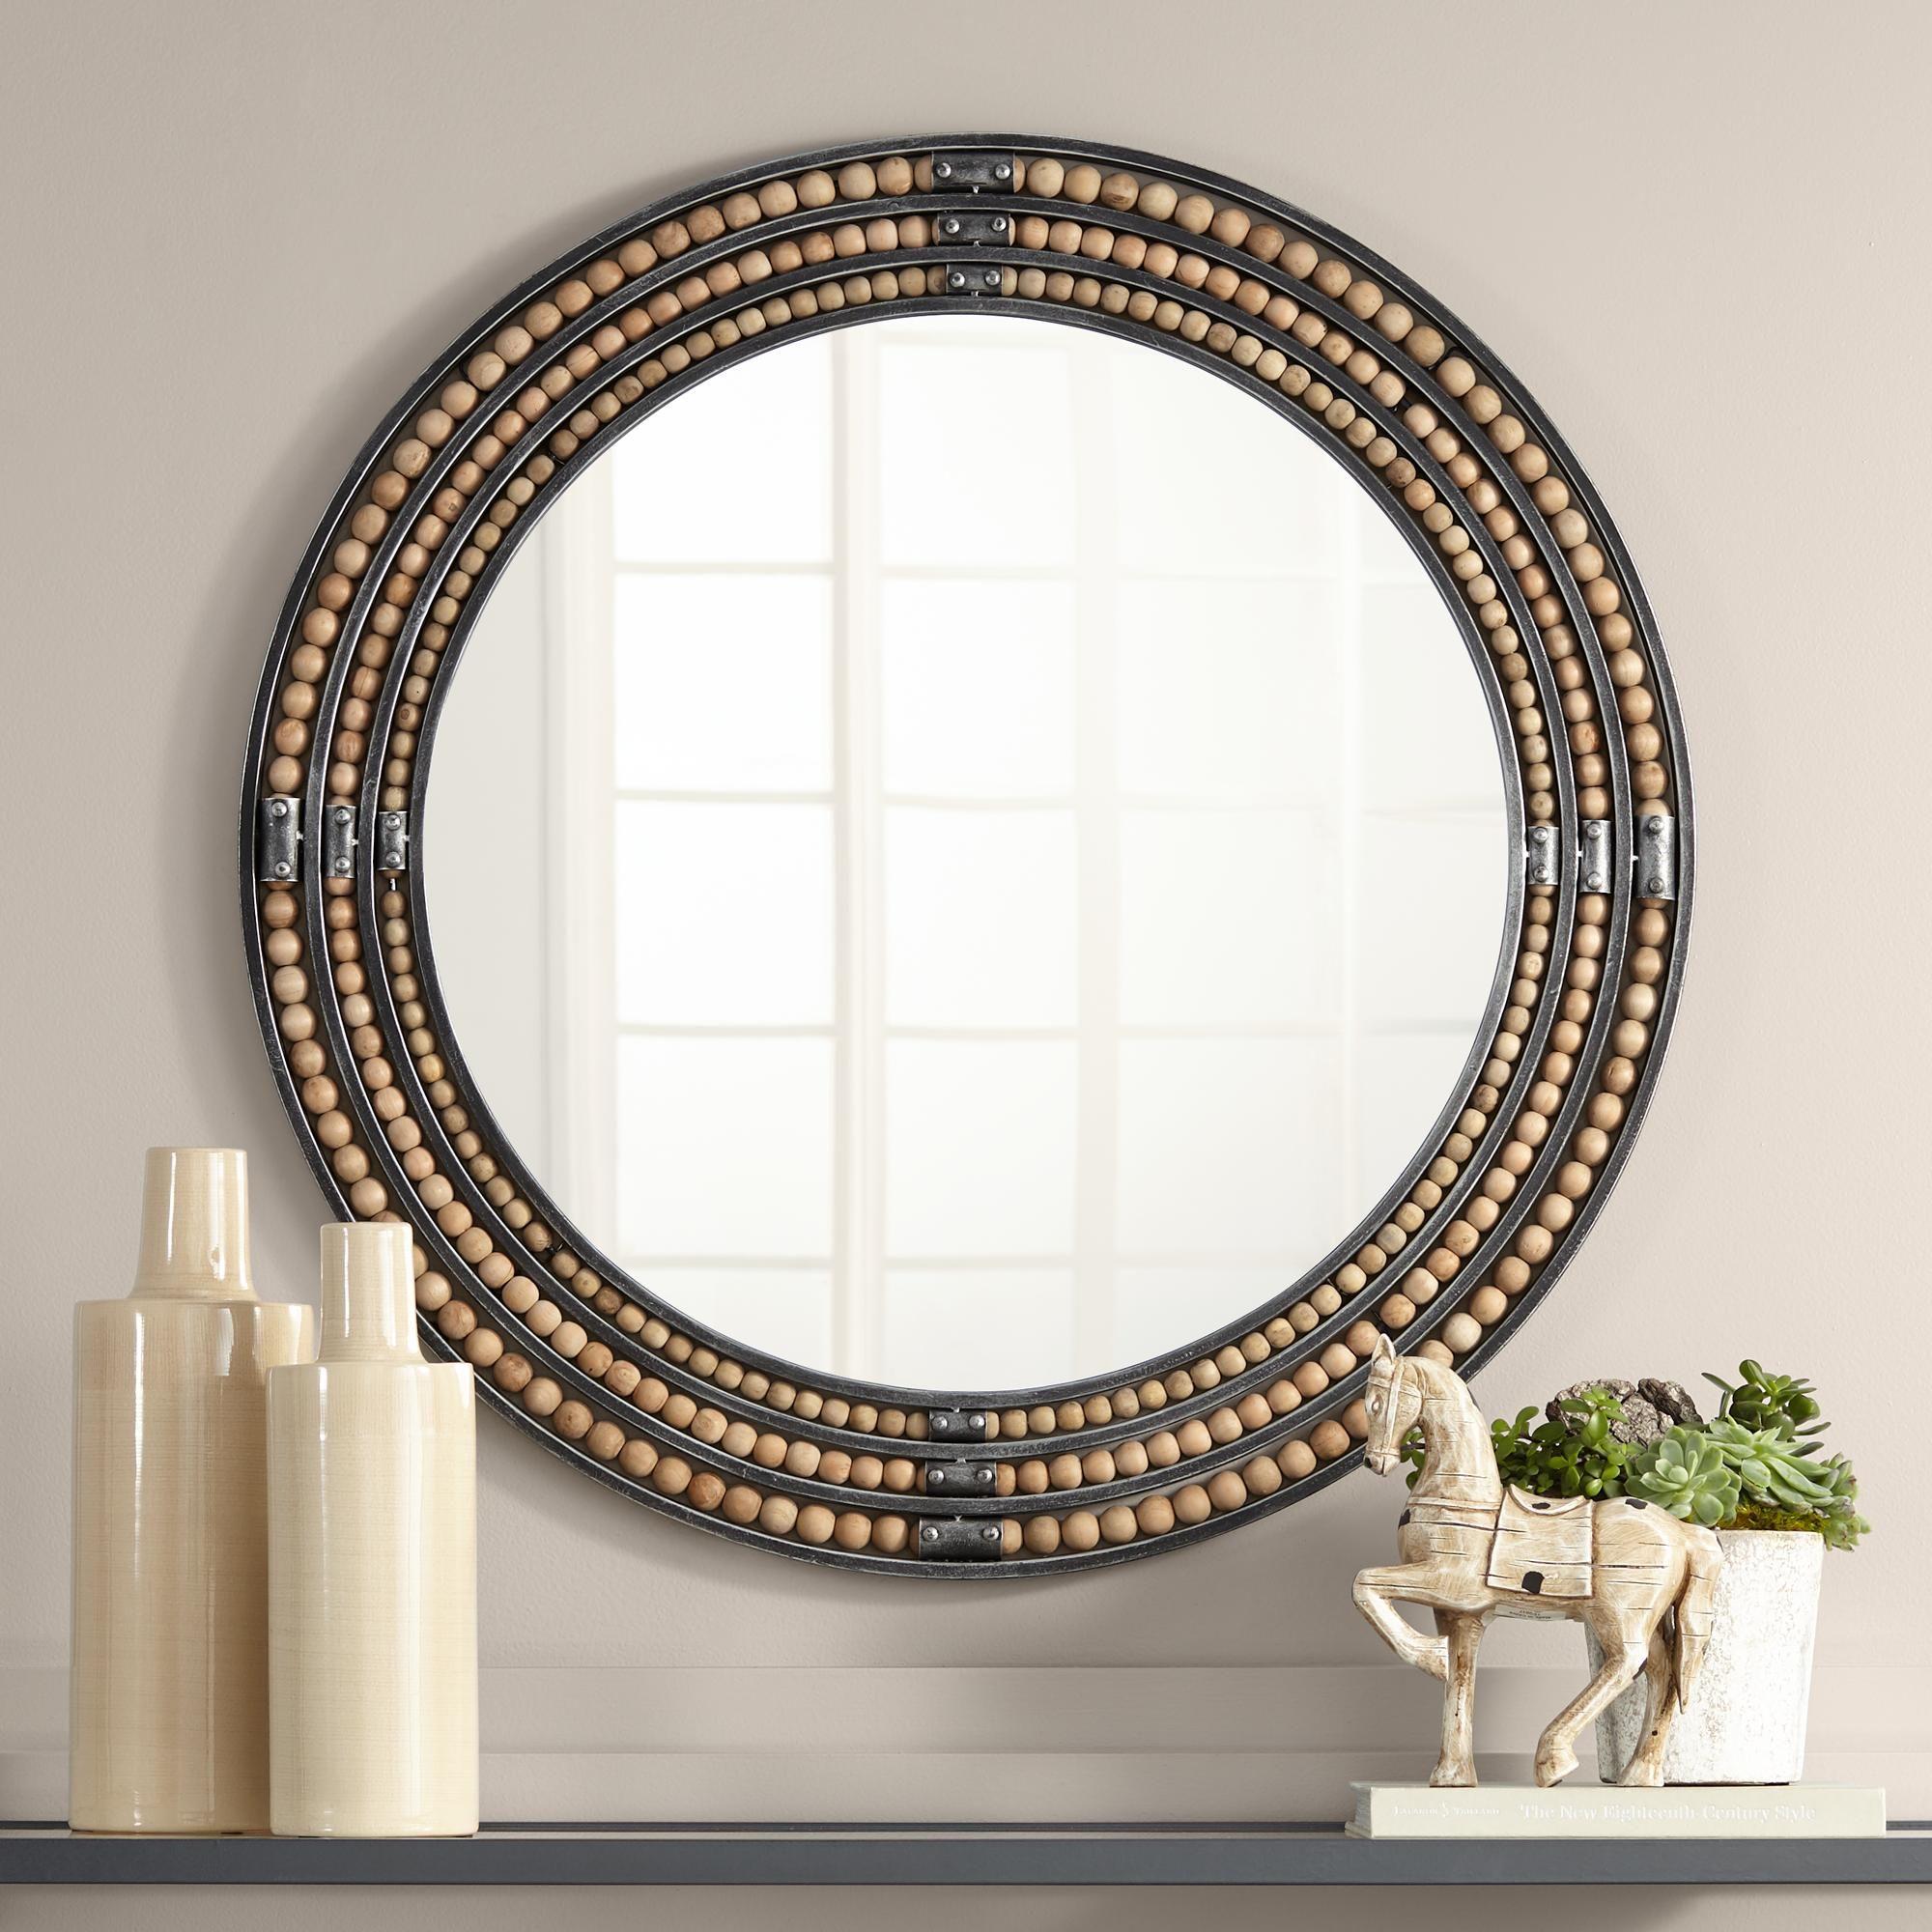 Scott Distressed Black 34 Inch Round Sphere Wall Mirror Mirror